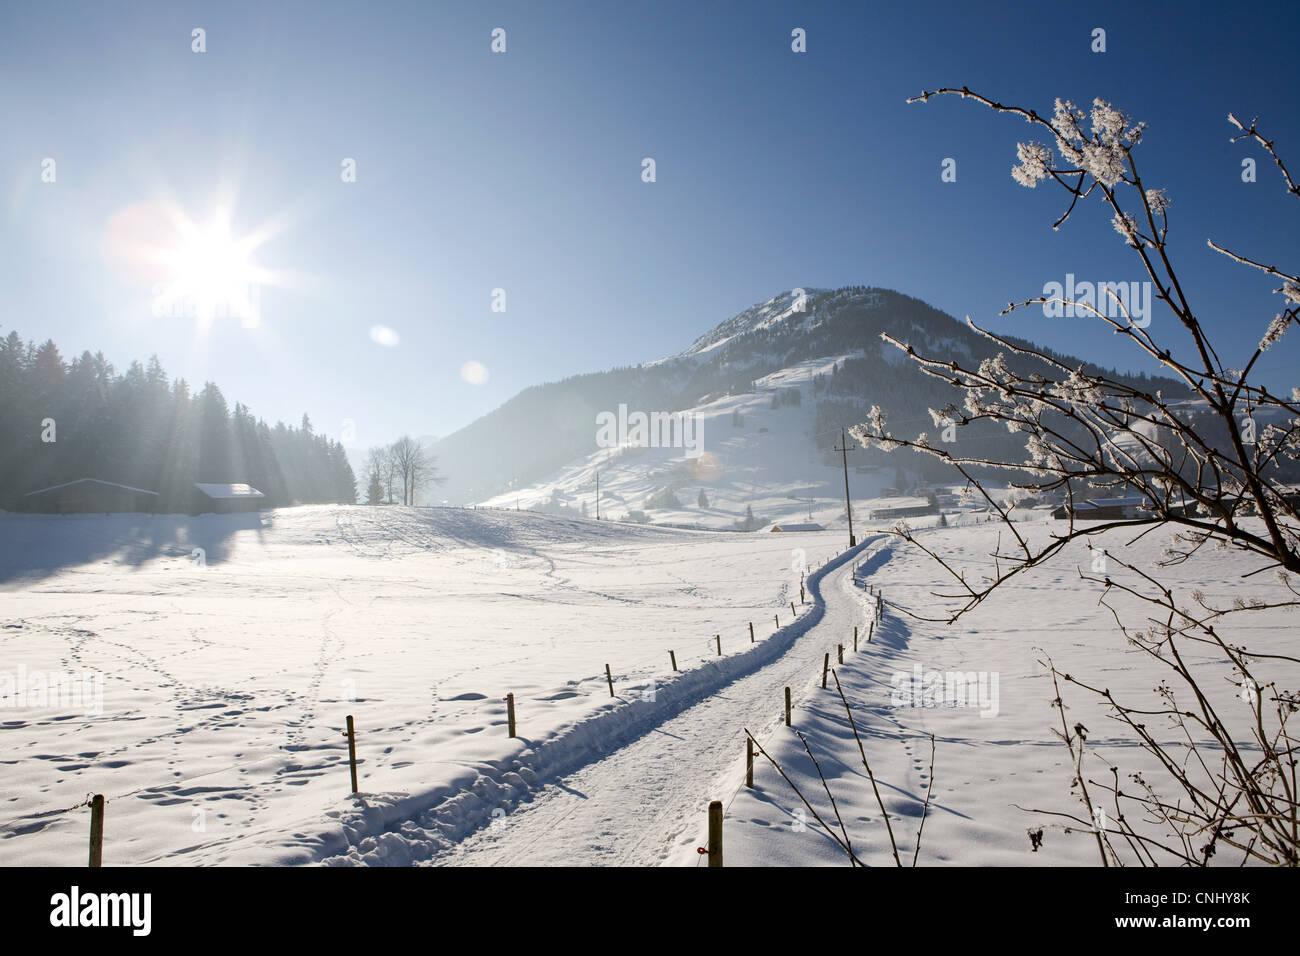 Snow covered landscape, Kirchberg, Tirol, Austria - Stock Image